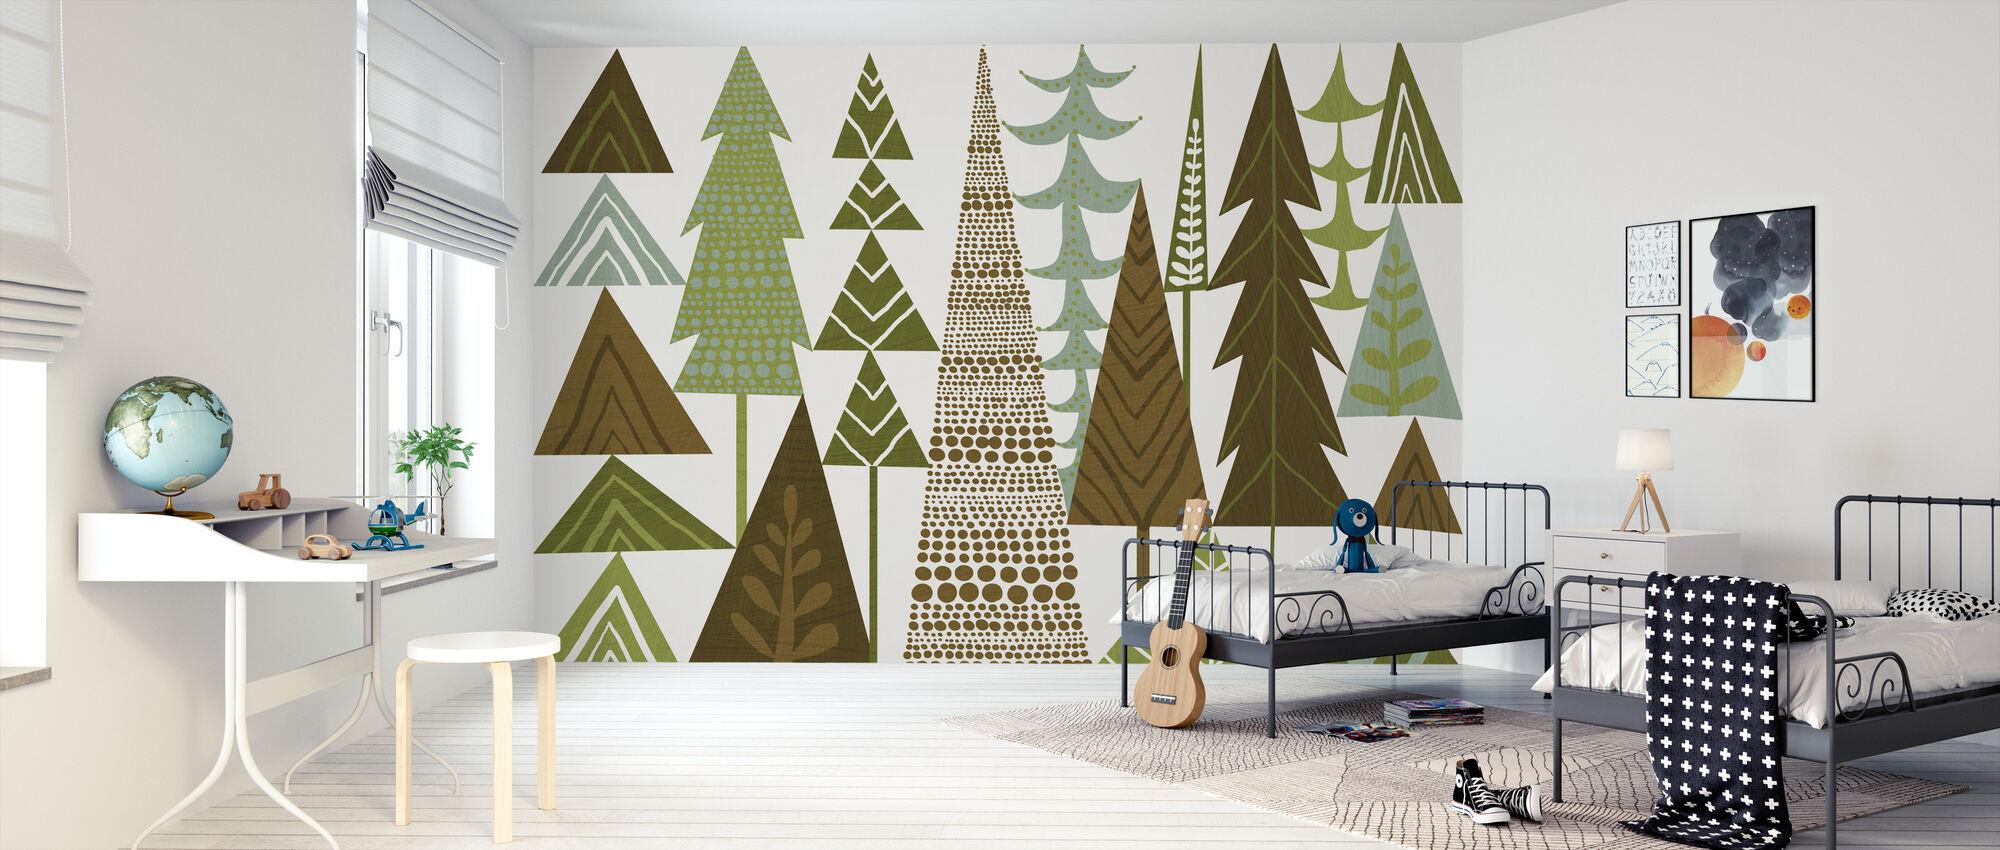 Metsä kansanperinne vihreät puut - Tapetti - Lastenhuone